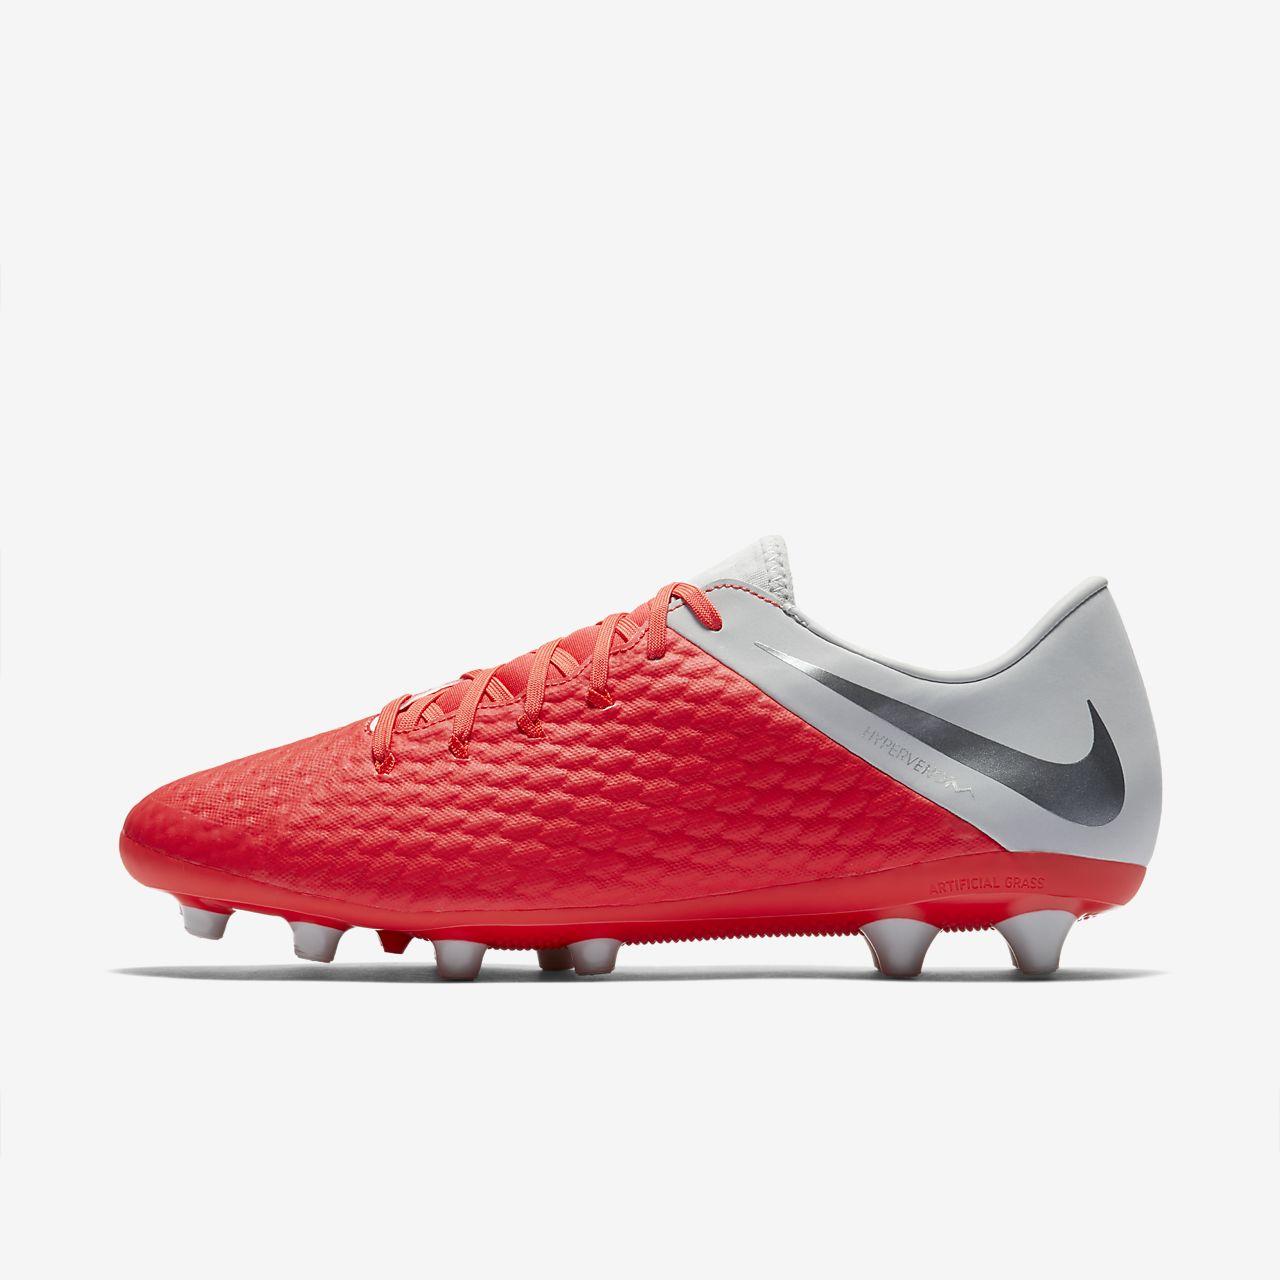 cheap for discount 78faf a0867 ... Nike Hypervenom III Academy AG-PRO fotballsko til kunstgress